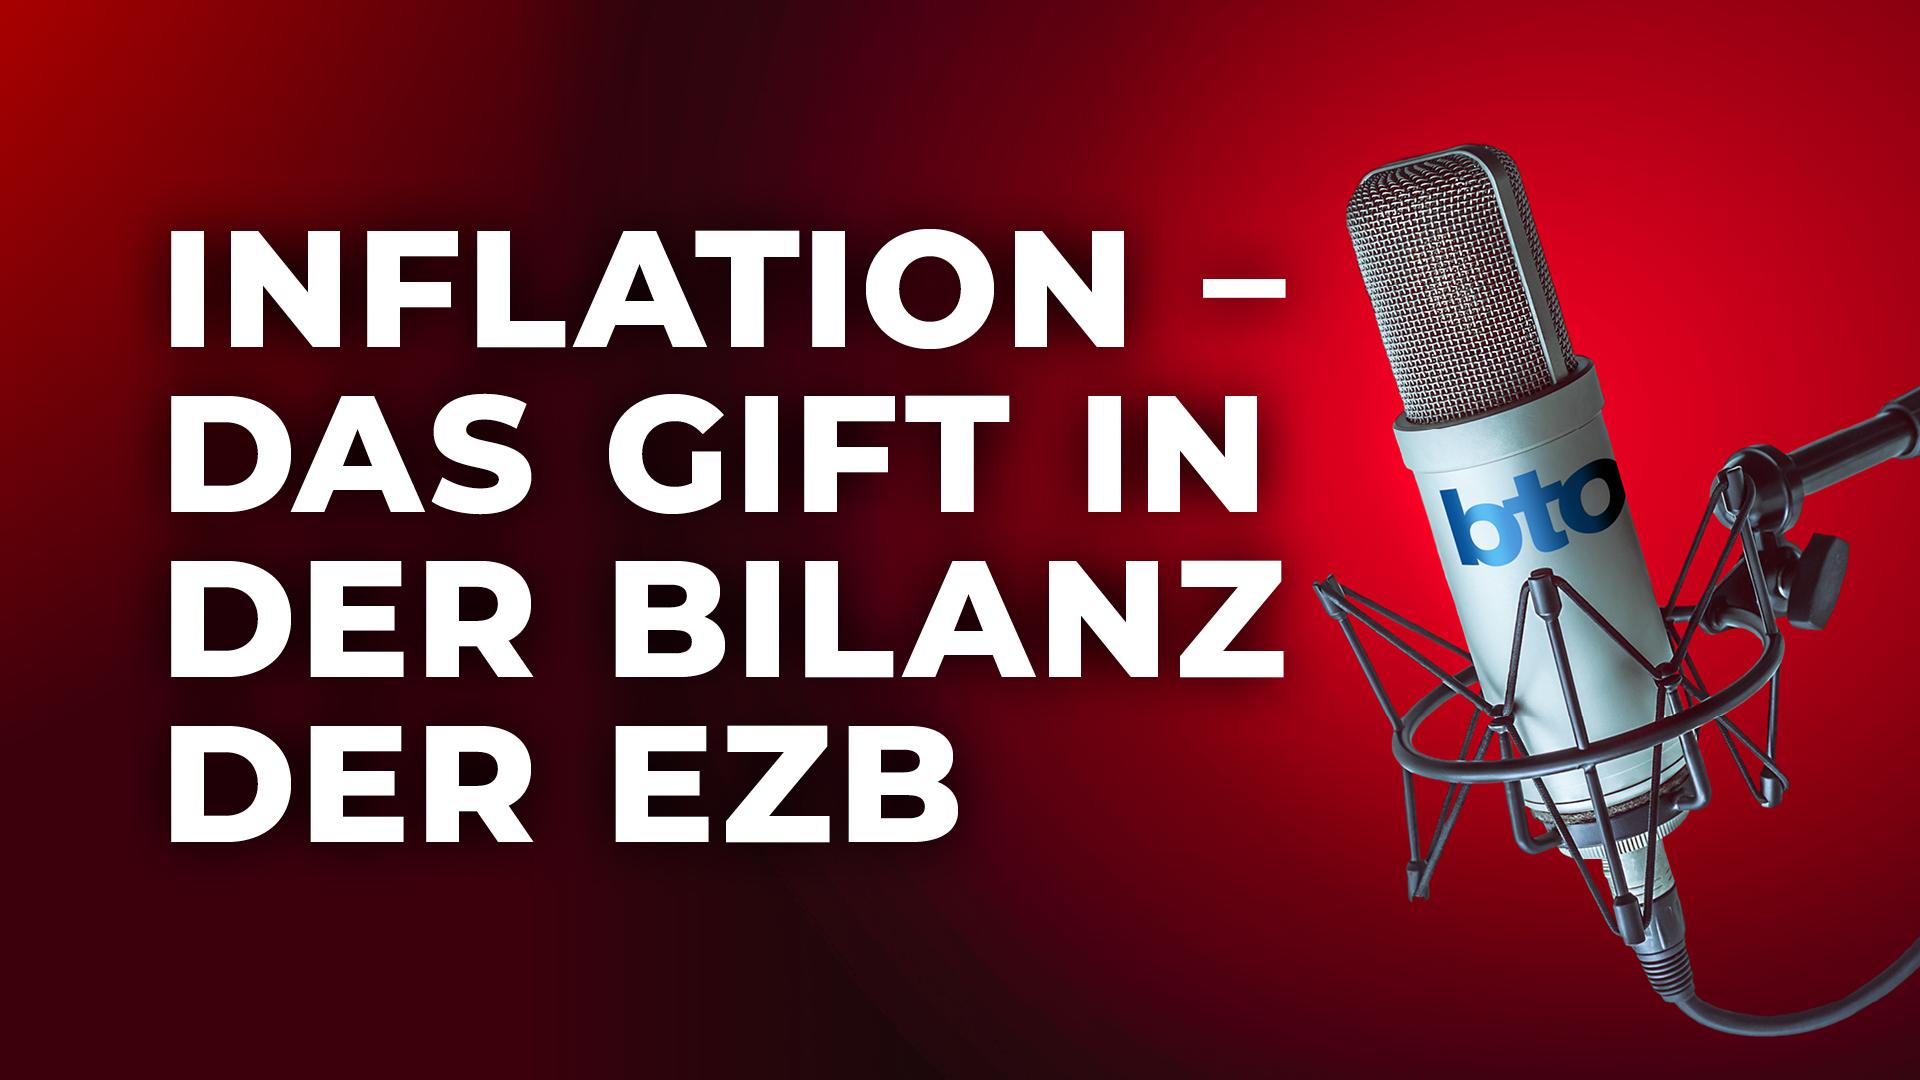 Inflation – das Gift in der Bilanz der EZB